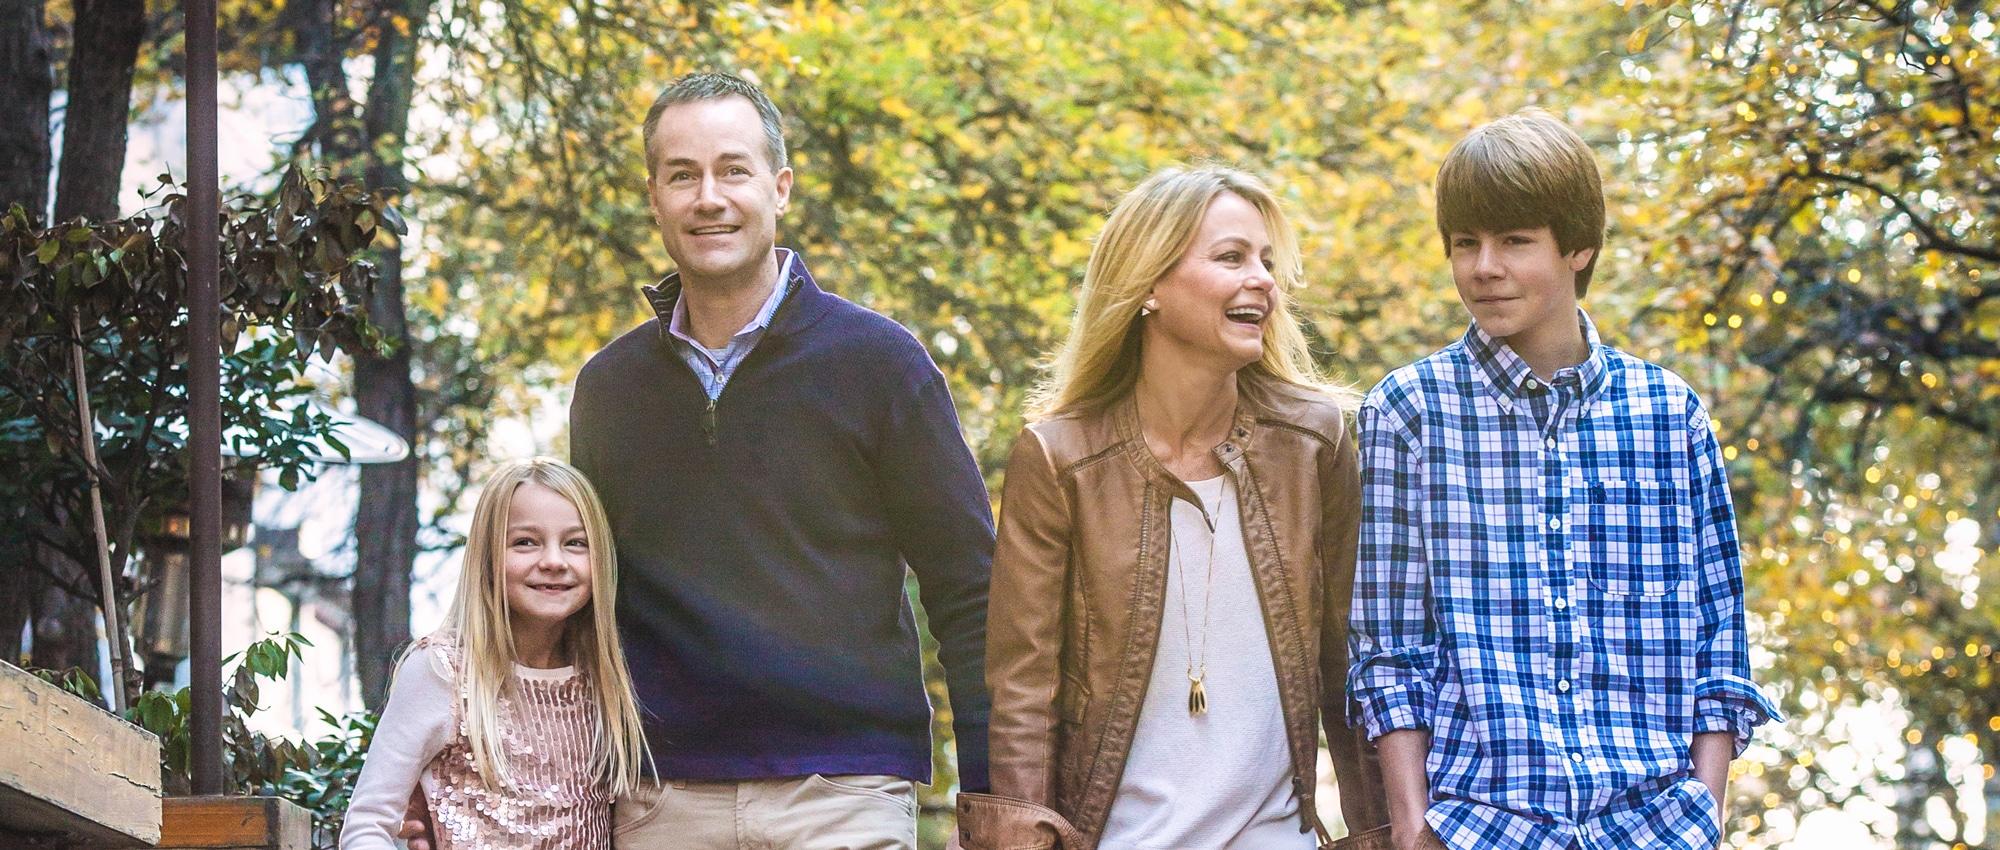 ChrisPerry-Family